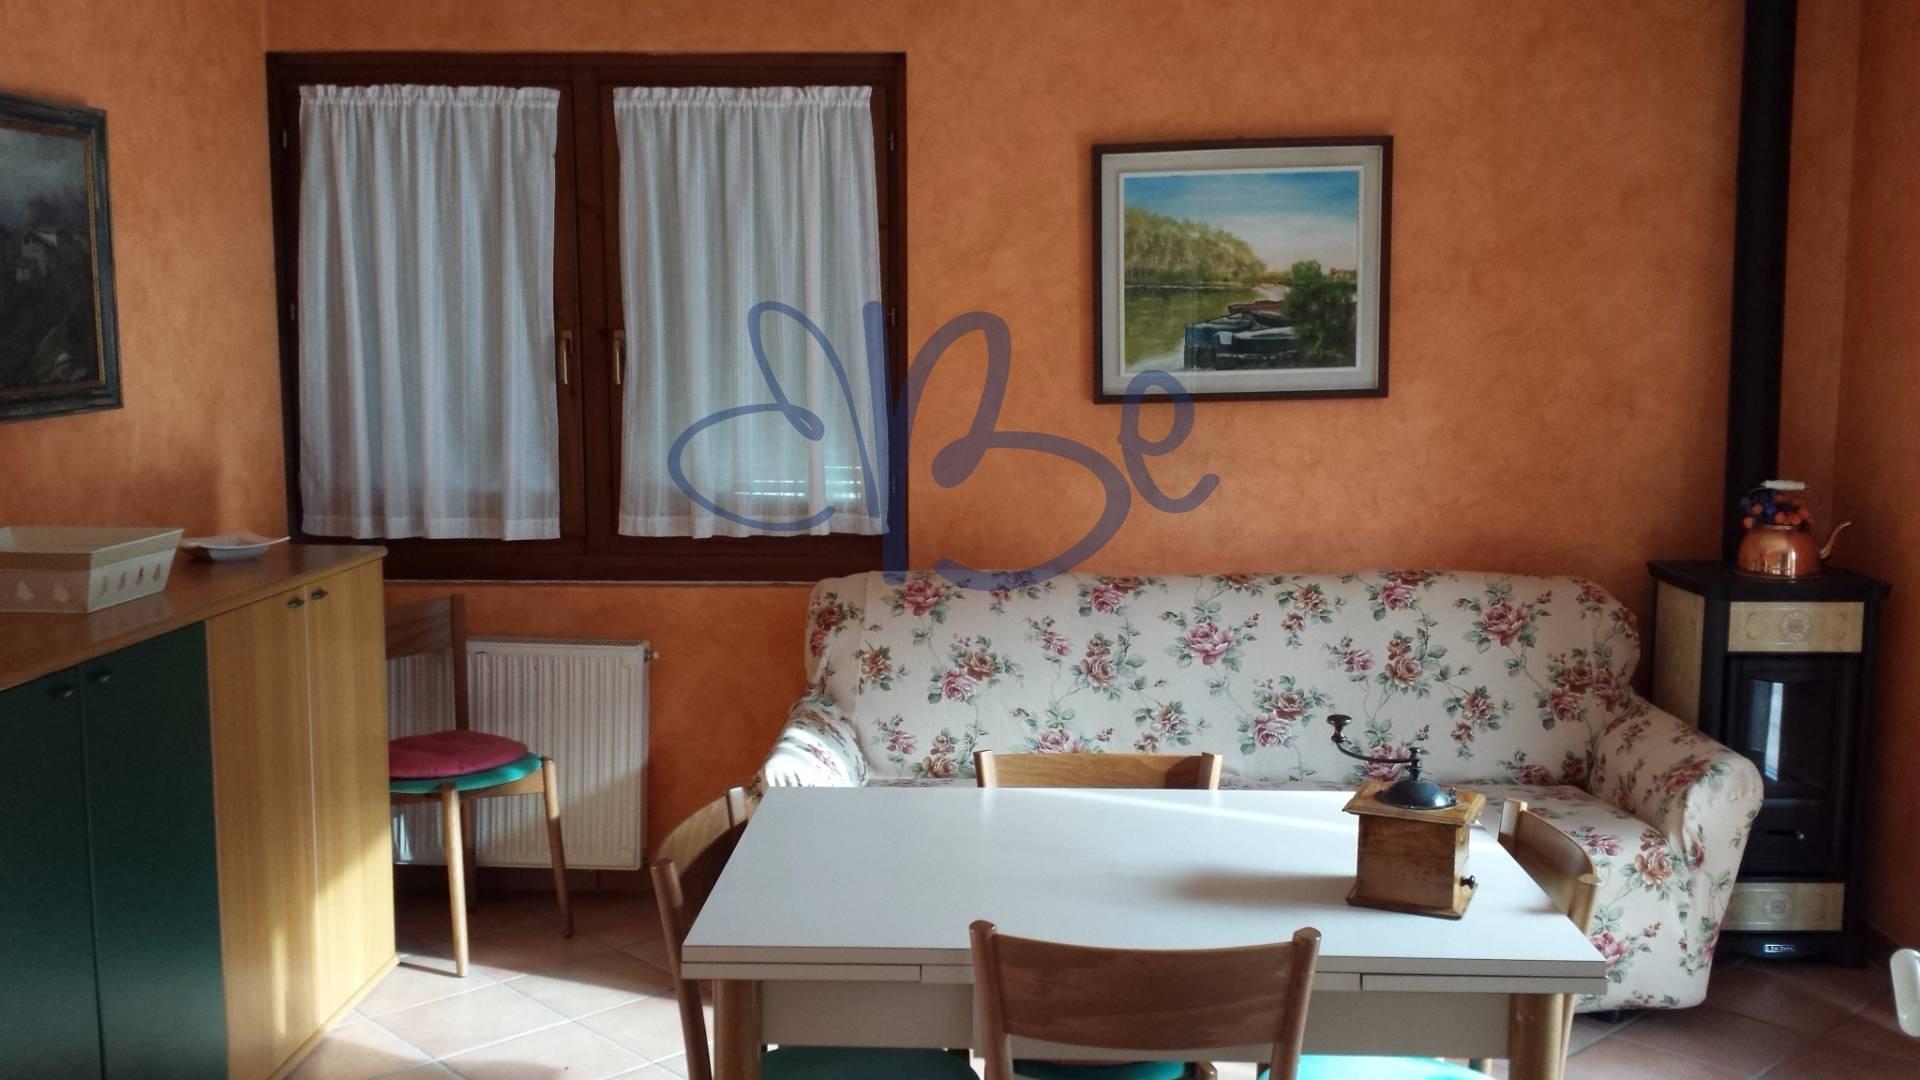 Appartamento in vendita a Idro, 2 locali, zona Zona: Crone, prezzo € 95.000 | CambioCasa.it